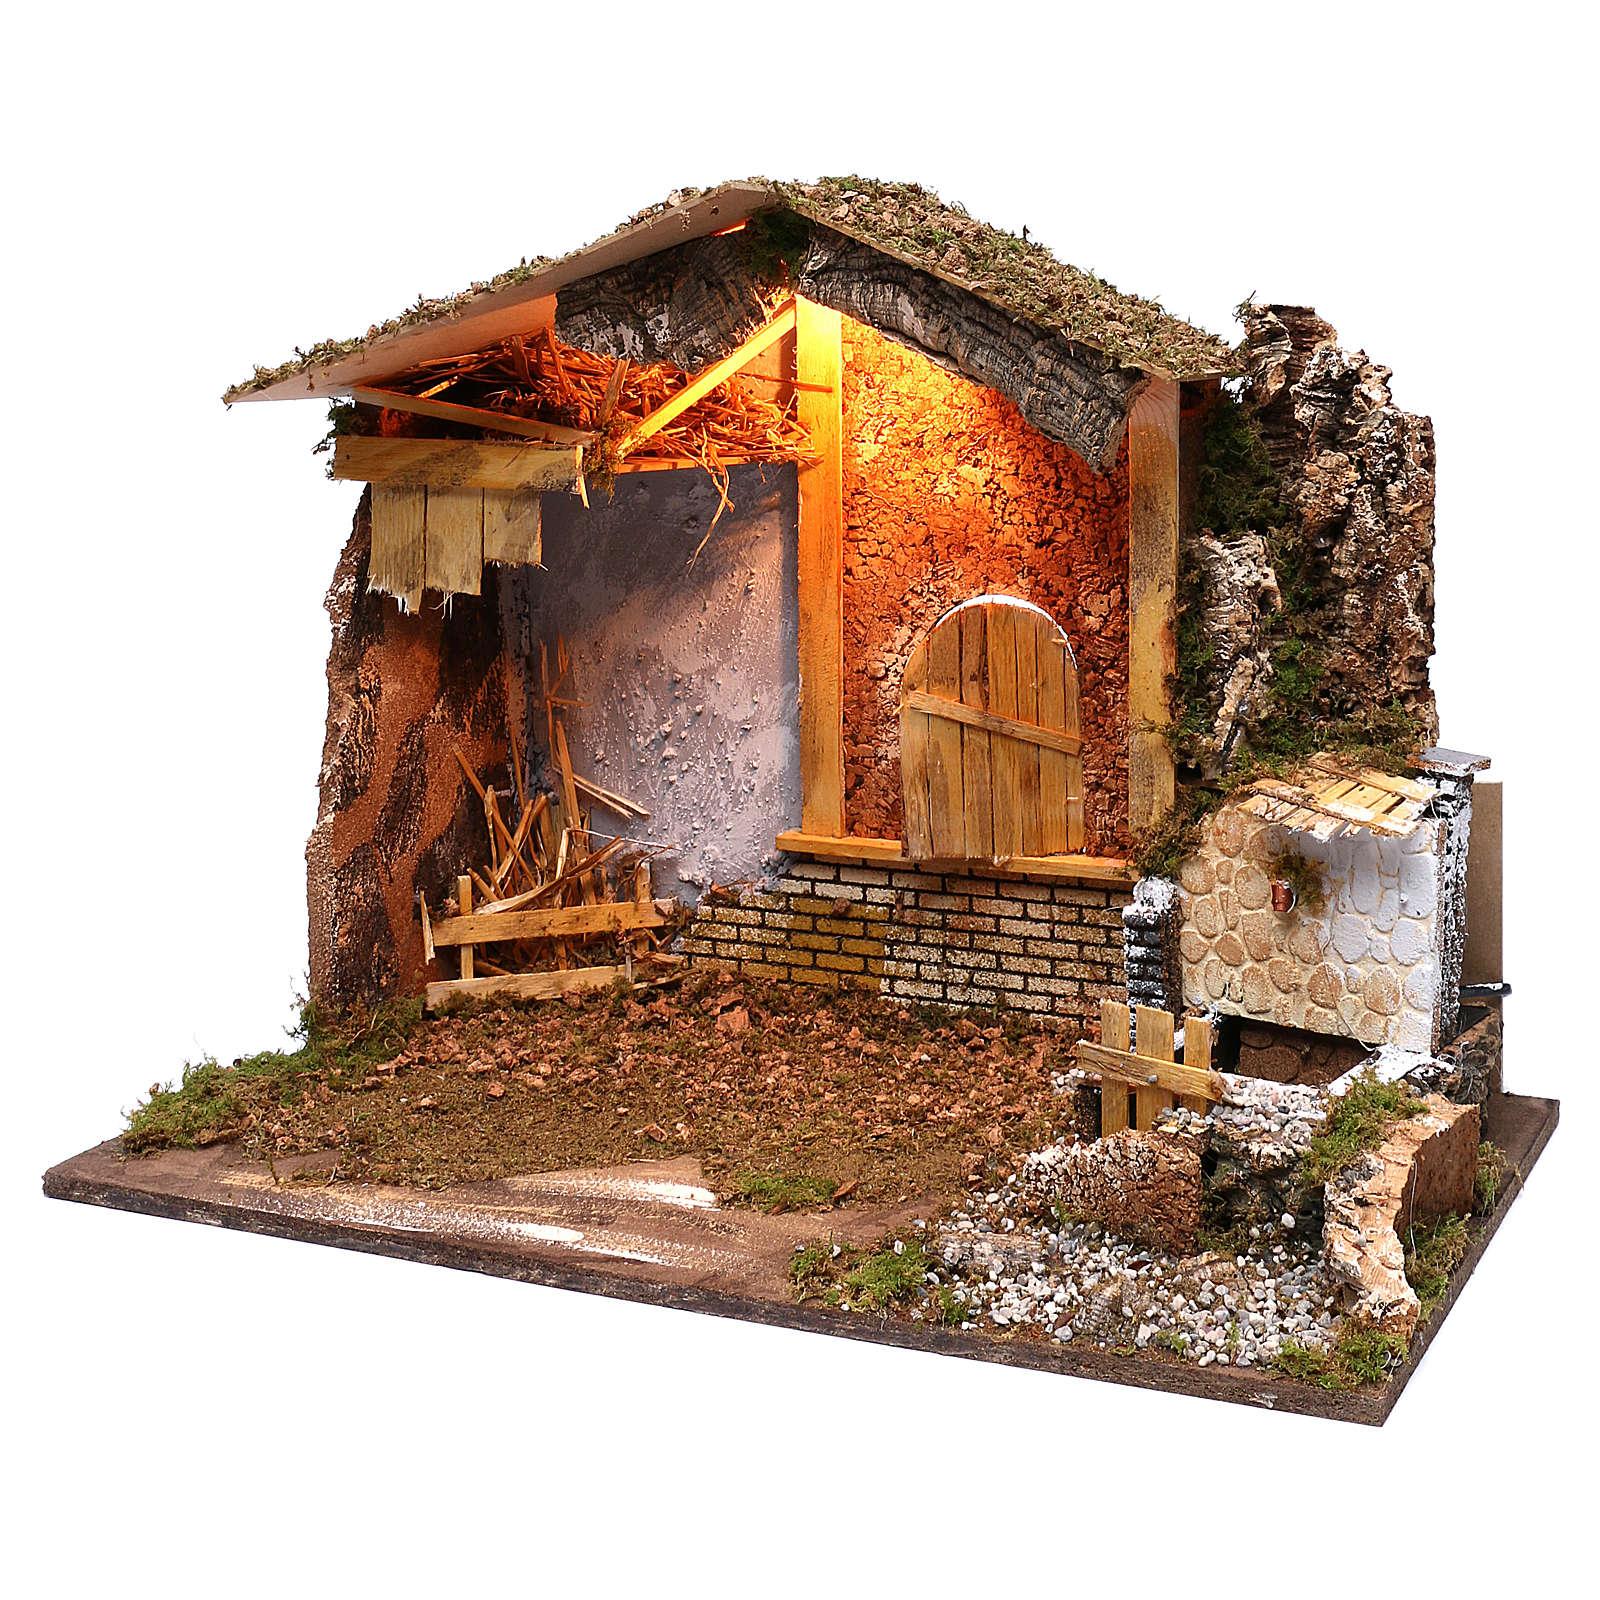 Establo fuente funcionante ventana posterior 45x60x35 cm para belenes 7-8 cm 4